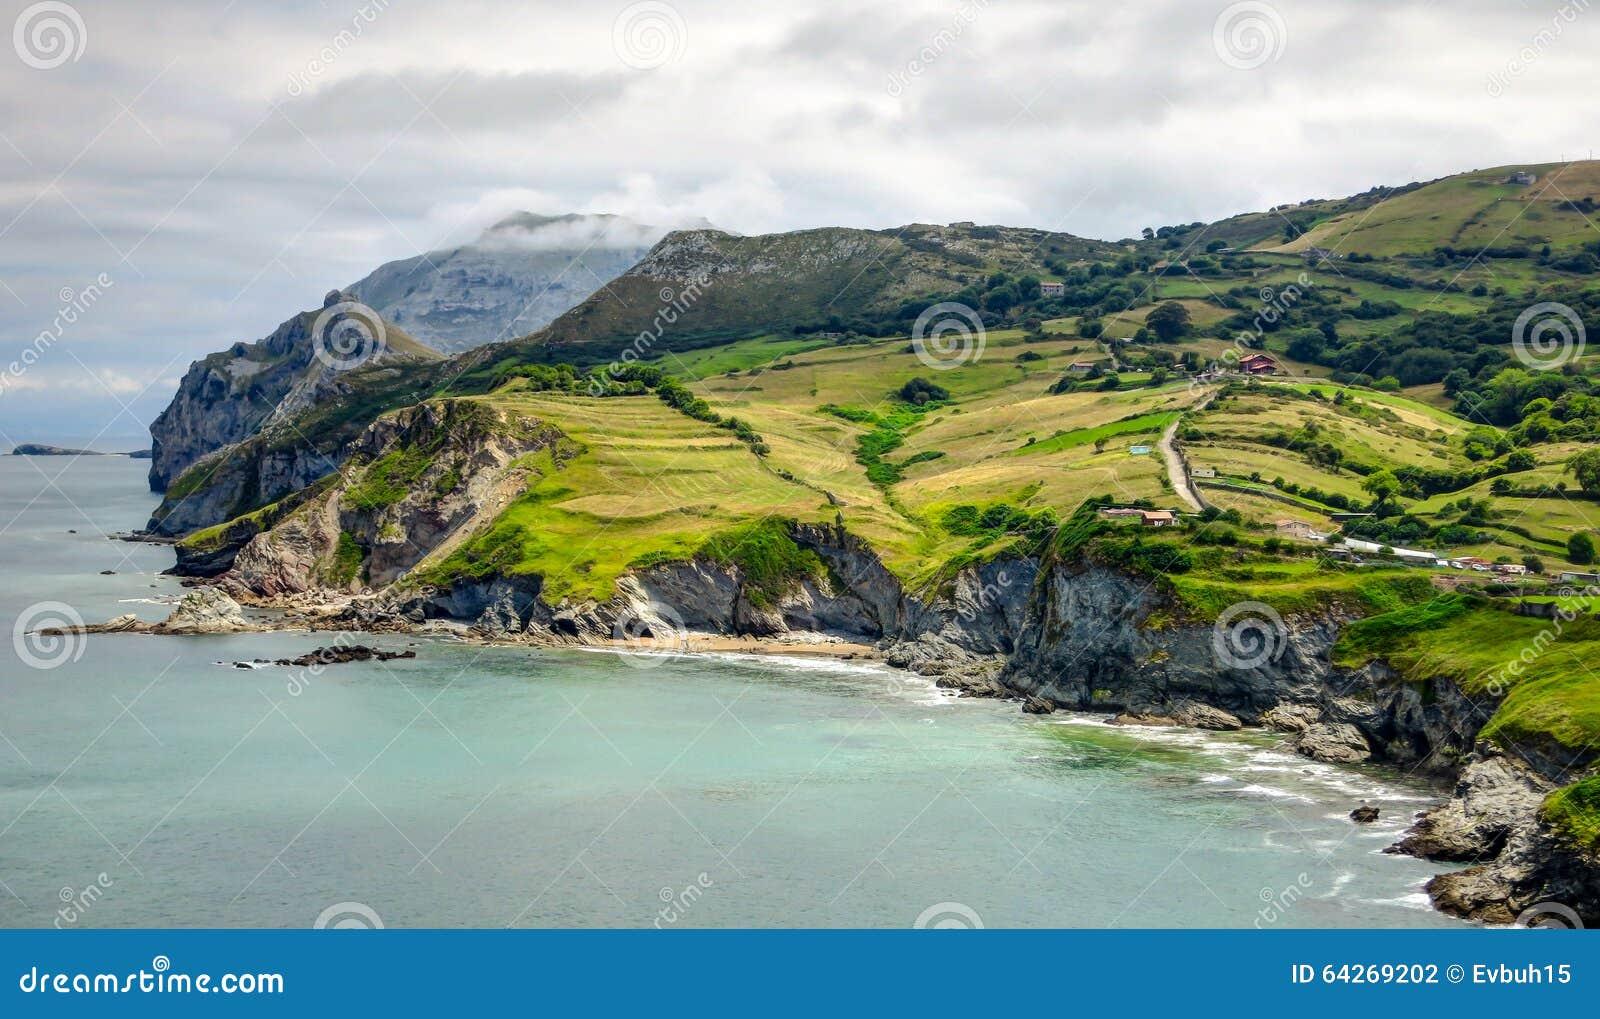 Ландшафт Кантабрии с холмом, полем и скачком побережьем Атлантического океана